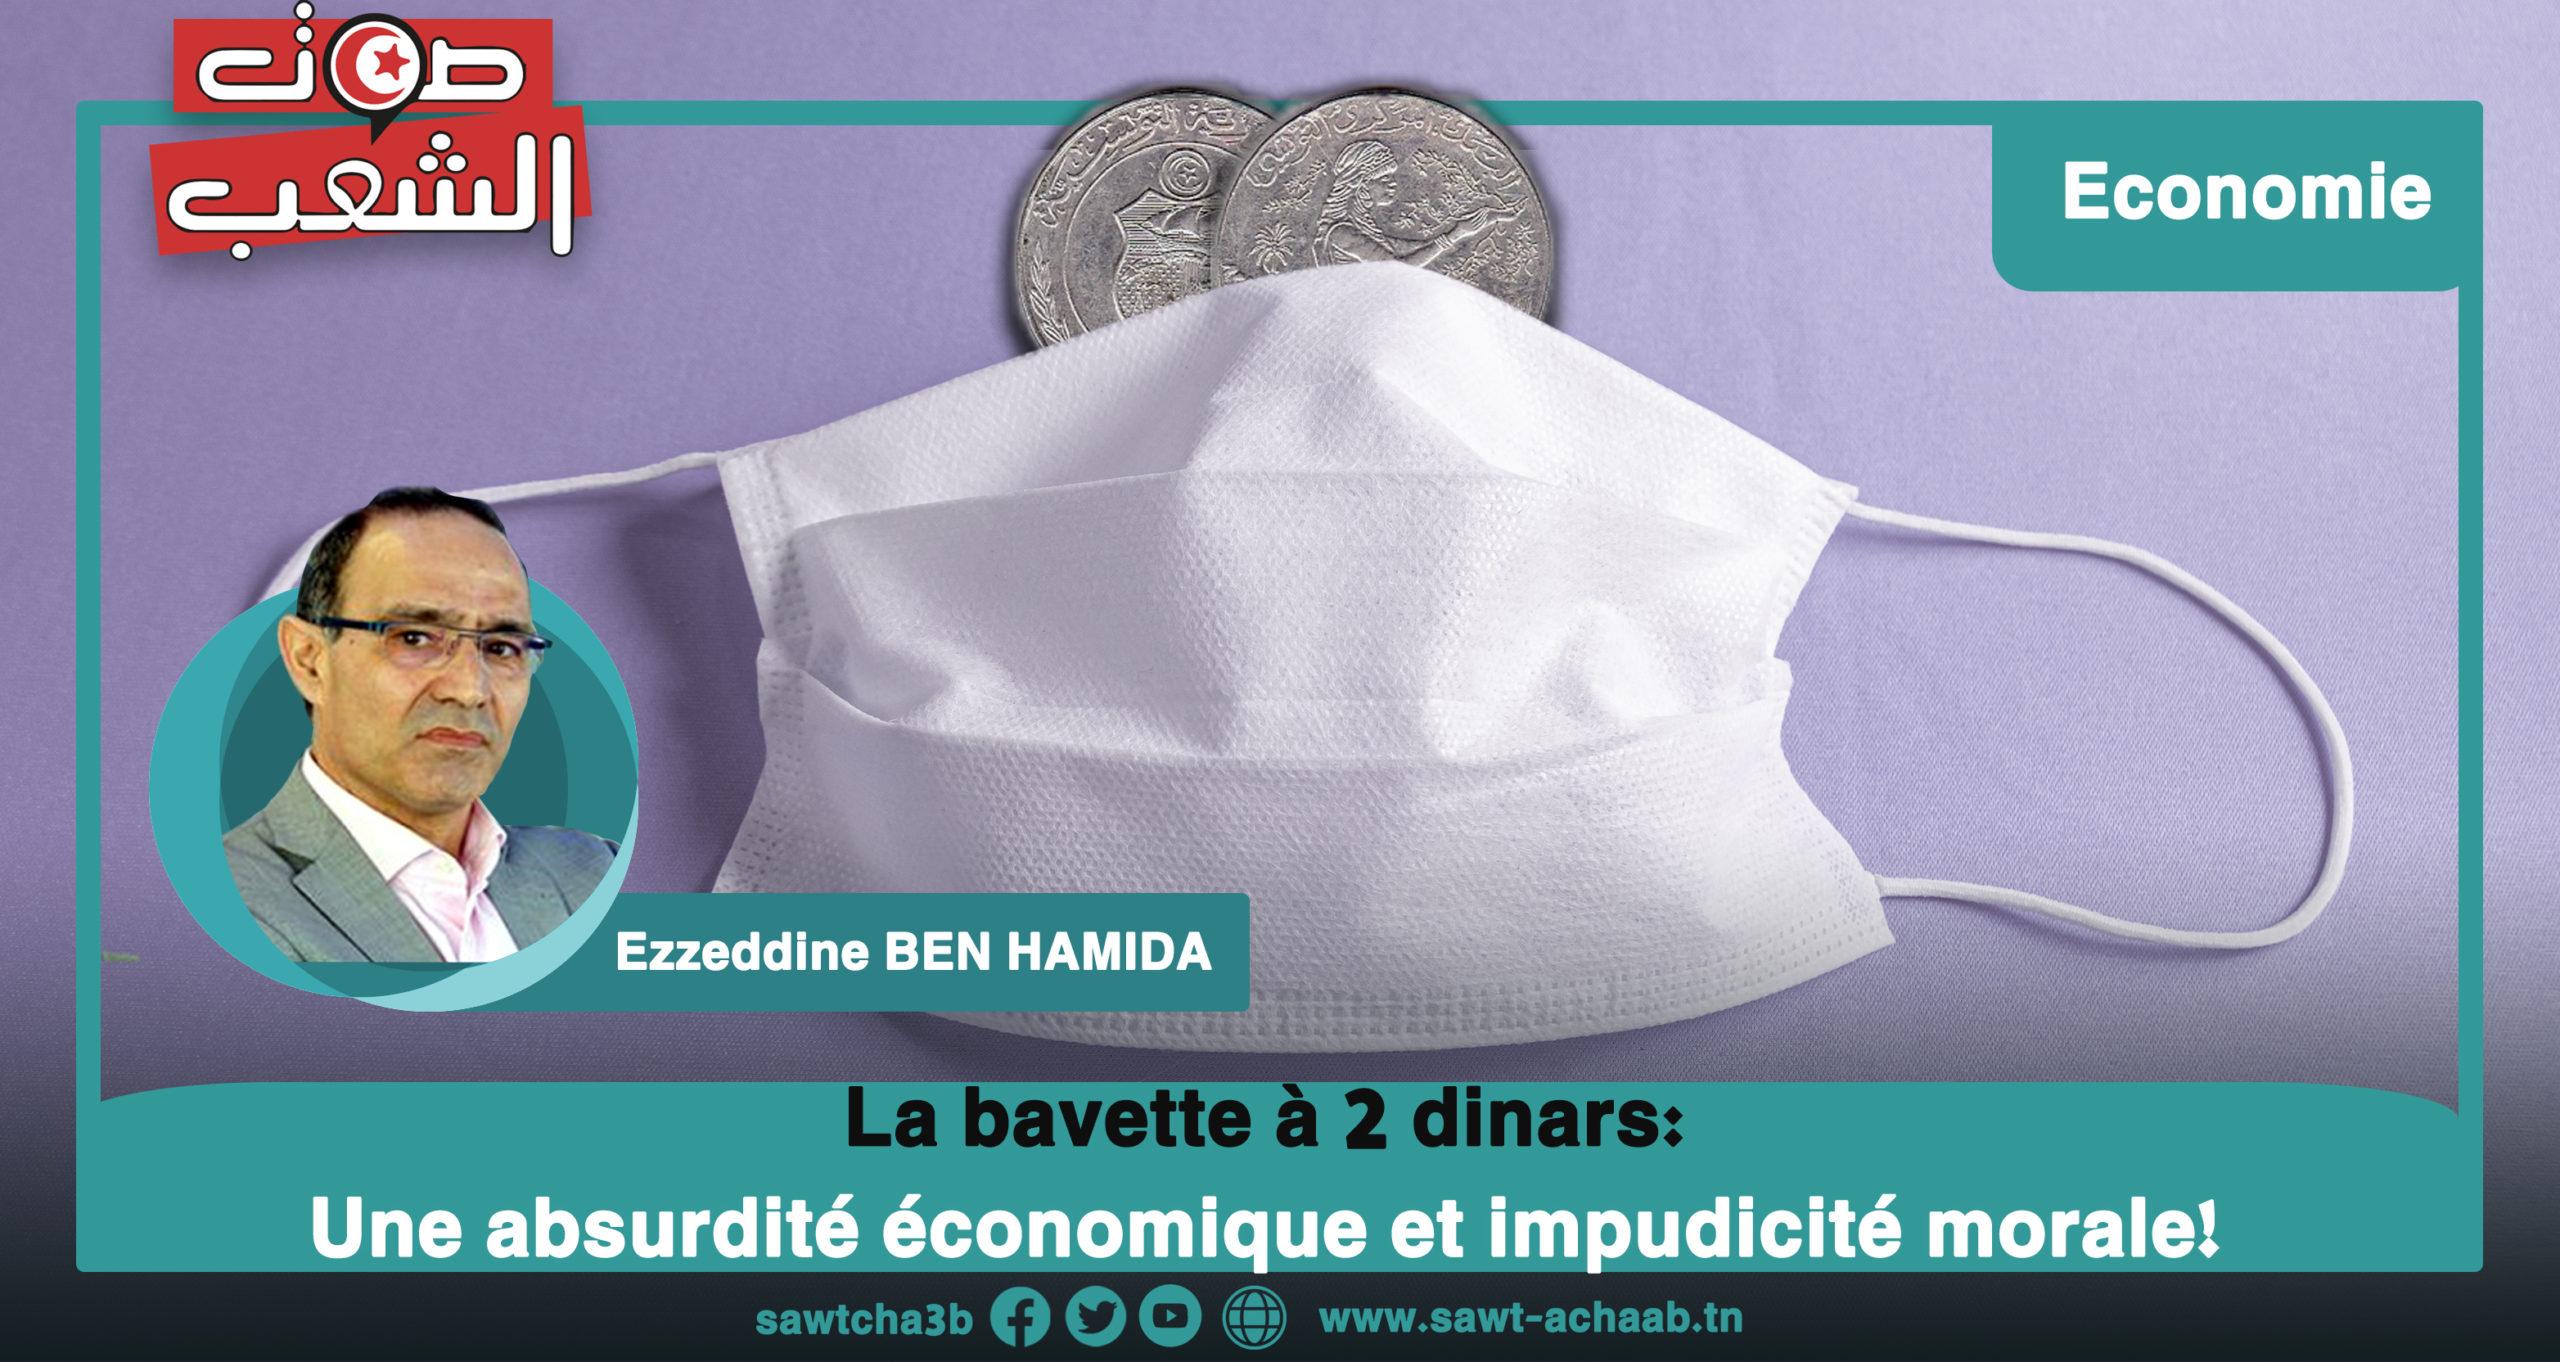 La bavette à 2 dinars :  Une absurdité économique et impudicité morale